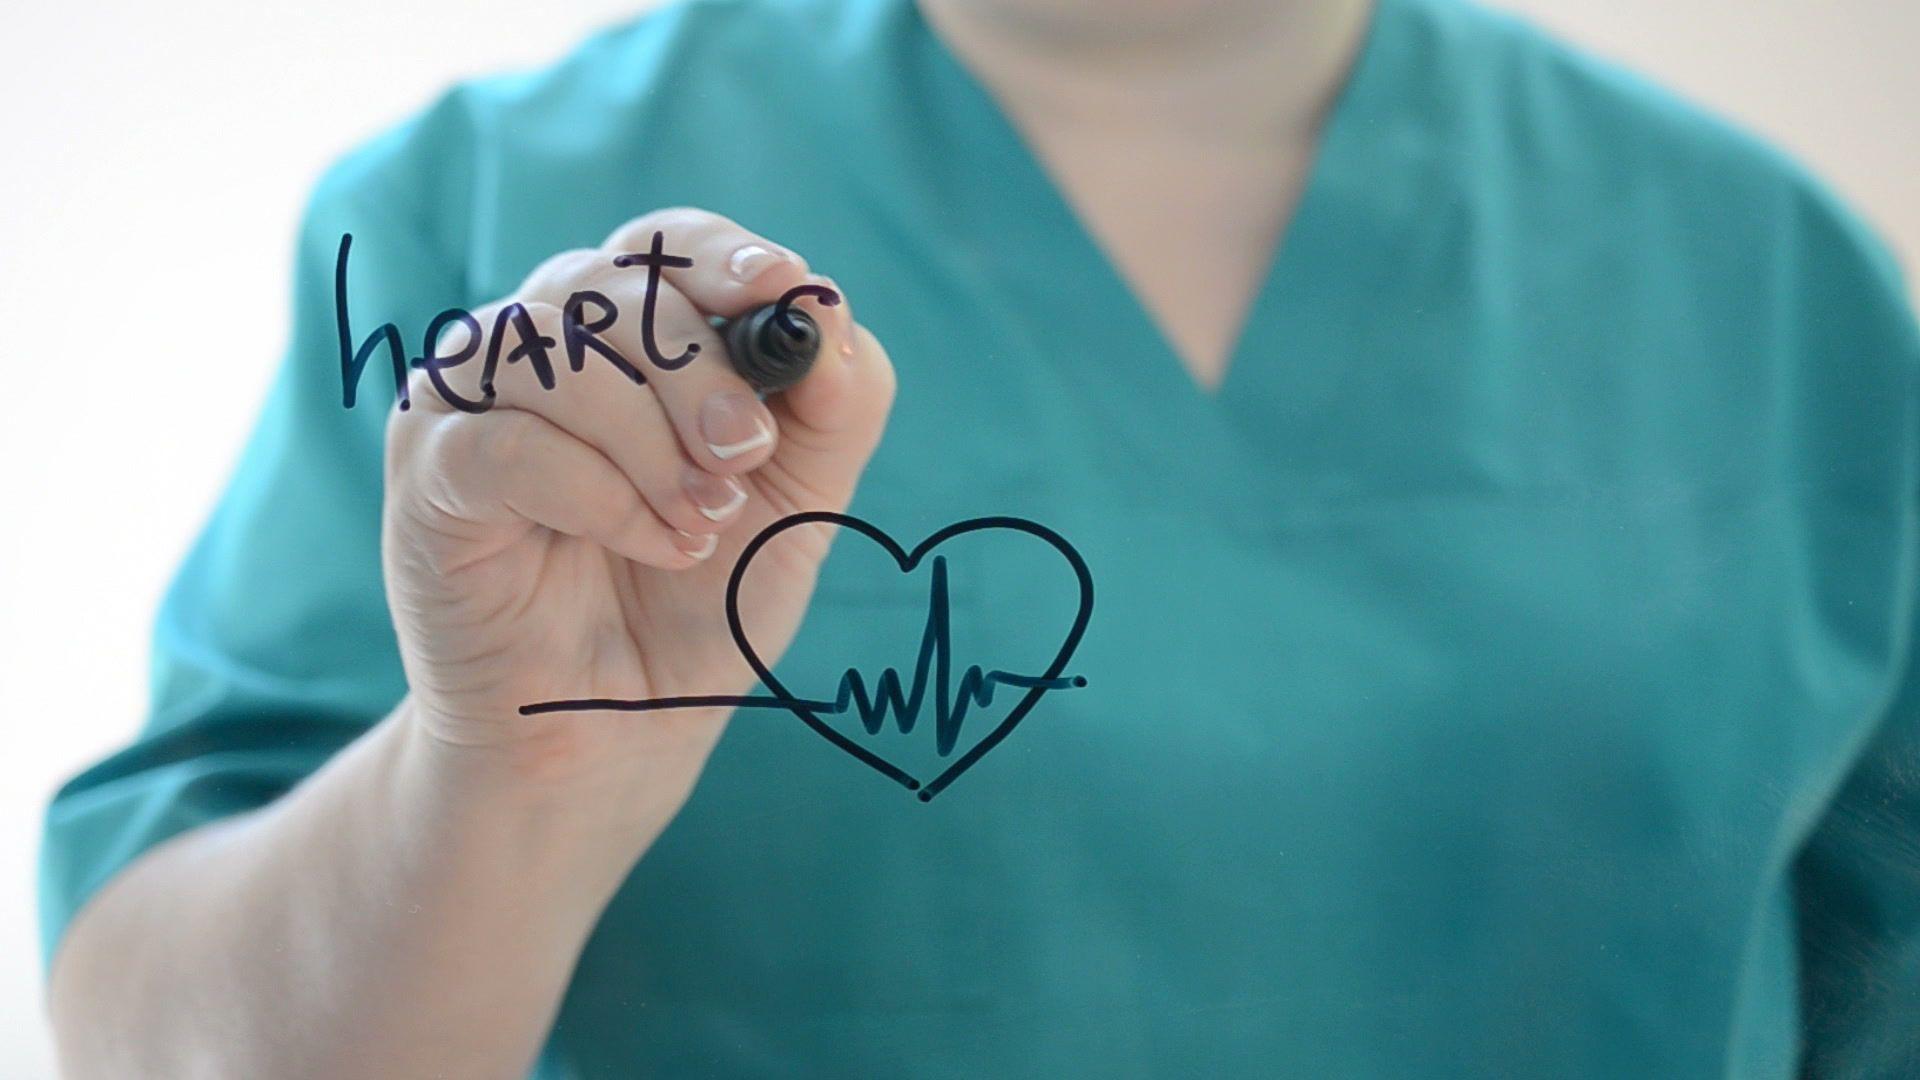 Heart Diseases Health Heart Care Doctor Disease Cardiovascular Cardiology Cardio Medical Medicine Ekg Medic Tes In 2020 Heart Disease Disease Cardiology